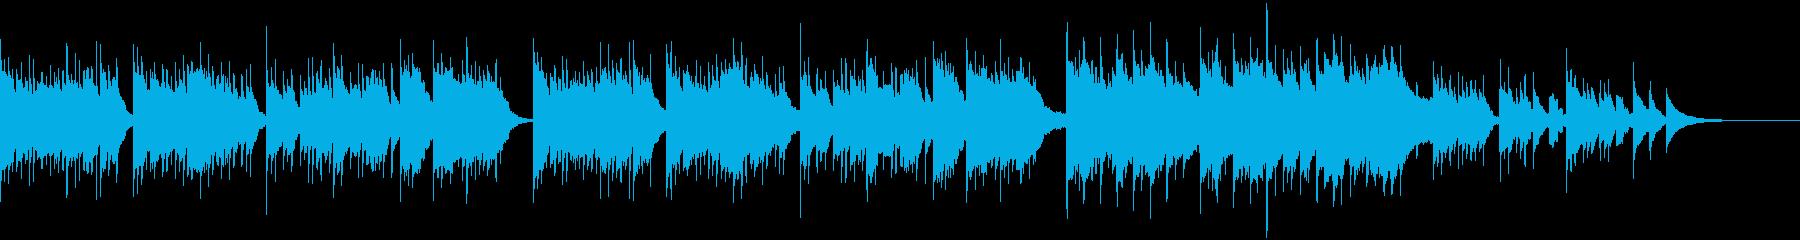 ほっと心が温まる優しいチェレスタの曲の再生済みの波形